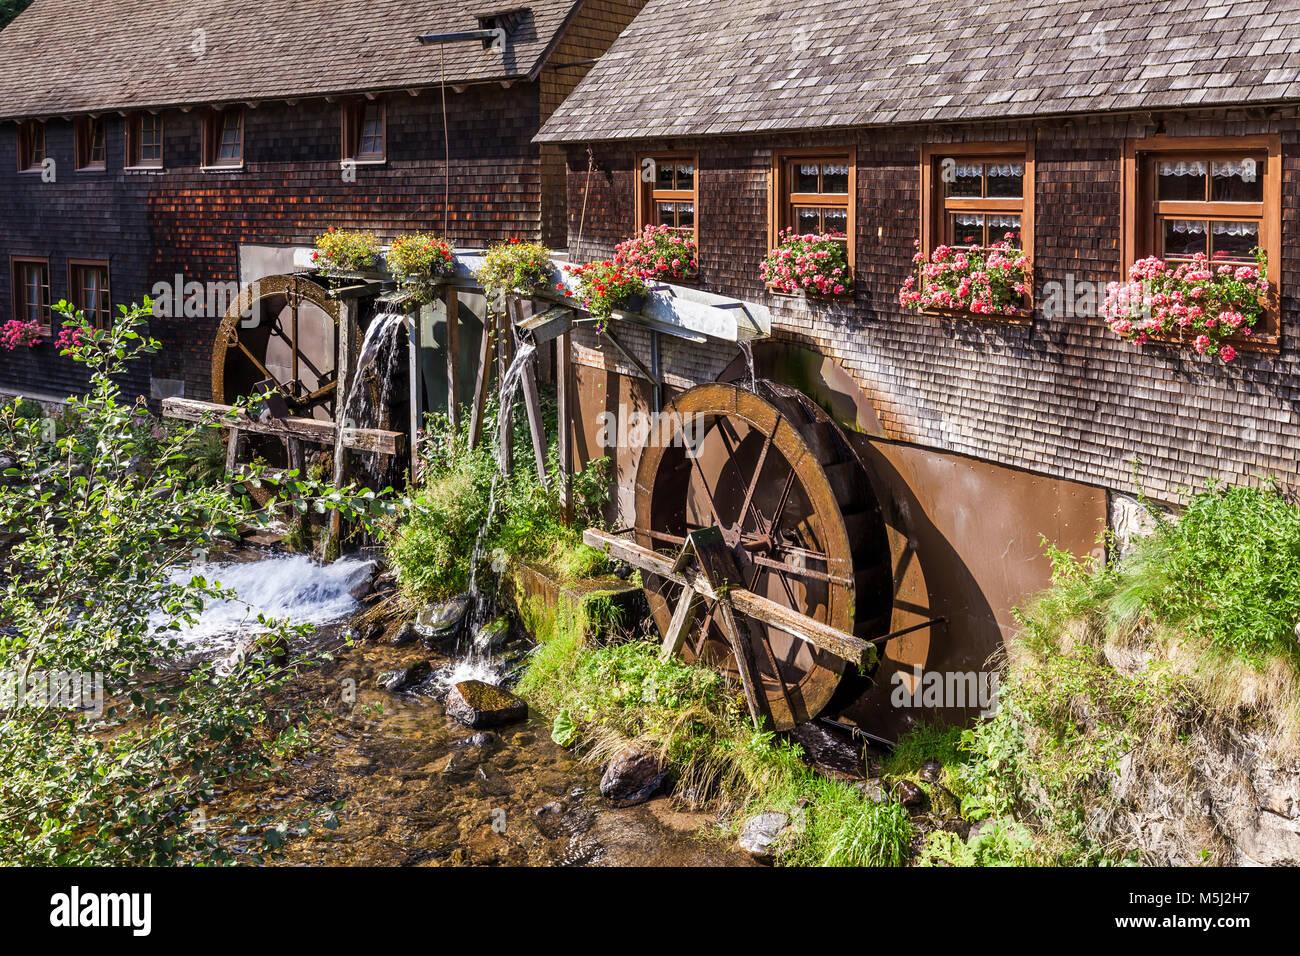 Deutschland, Baden-Württemberg, Schwarzwald, Hexenlochmühle, Mühle, Bach - Stock Image